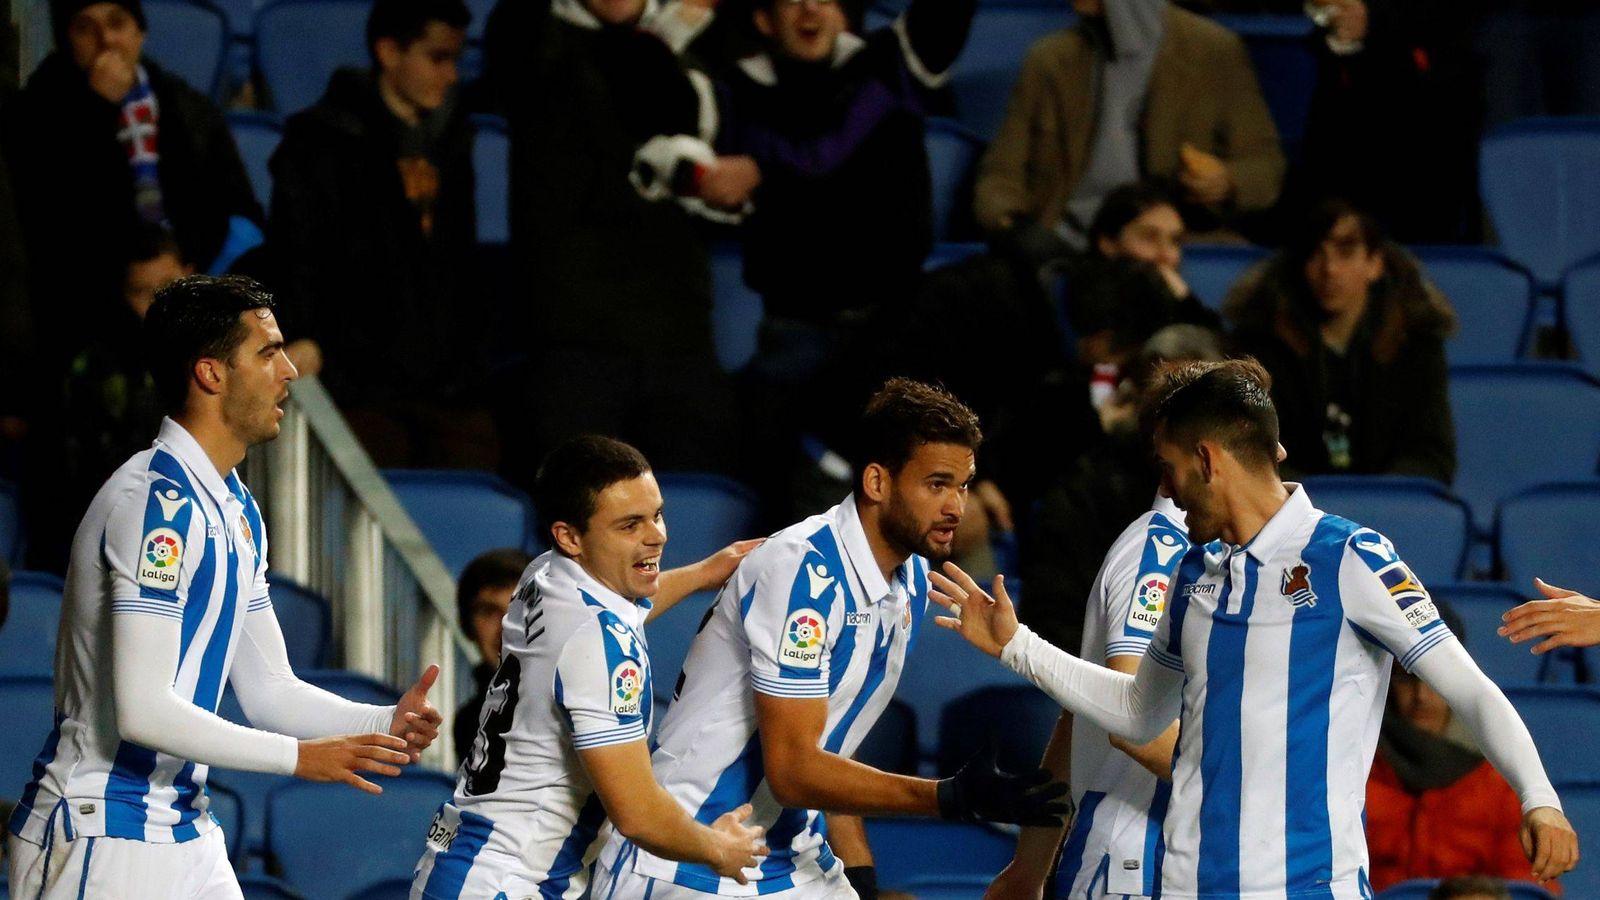 Foto: Jugadores de la Real Sociedad celebran un gol. (EFE)